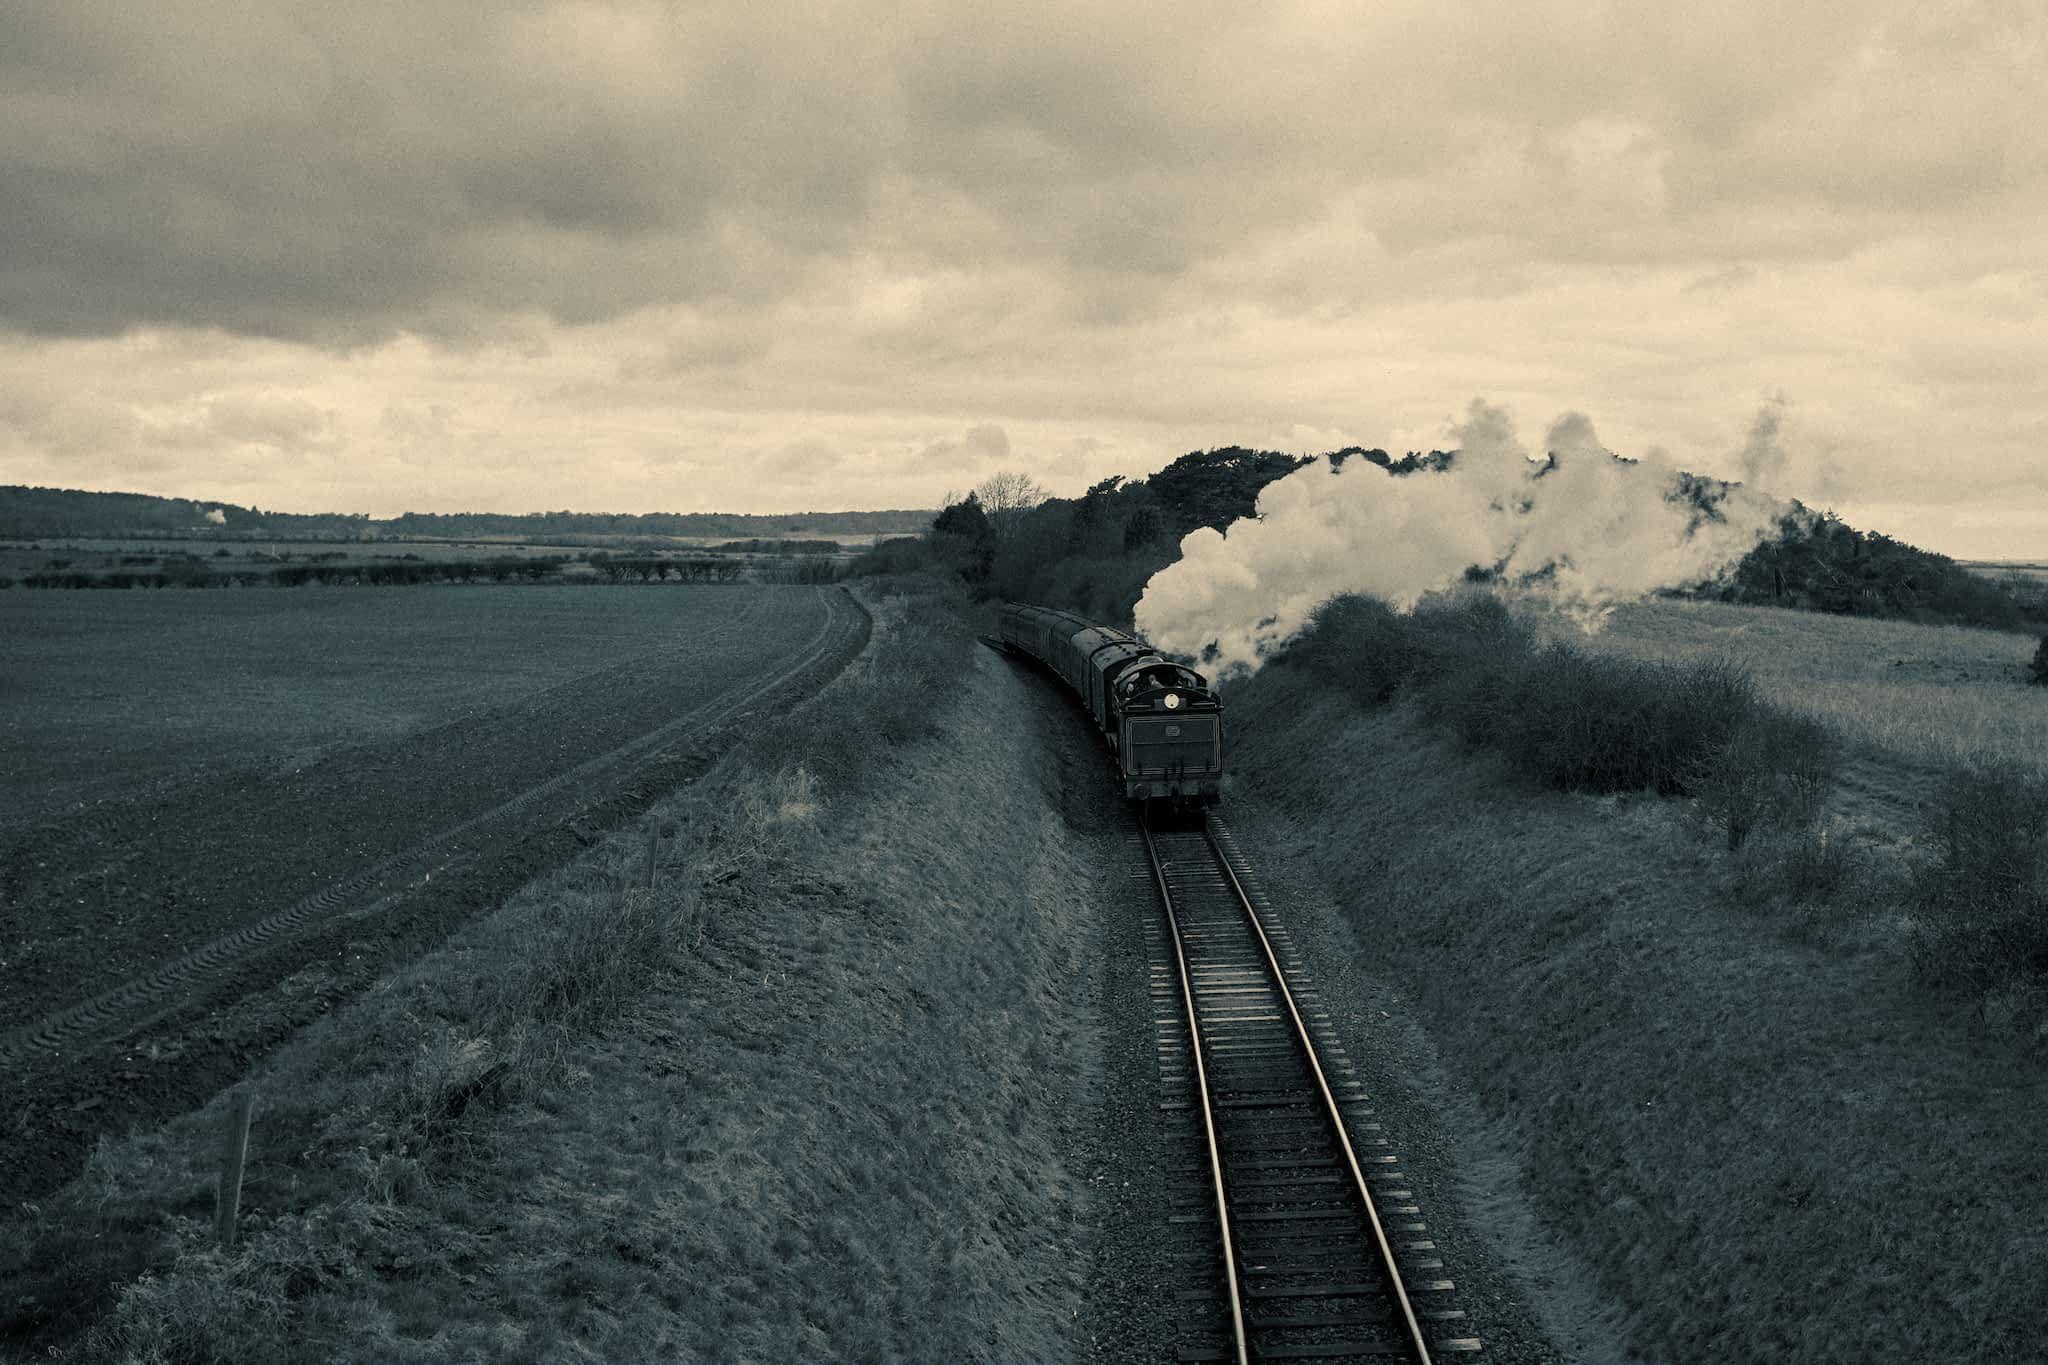 holt-sheringham line